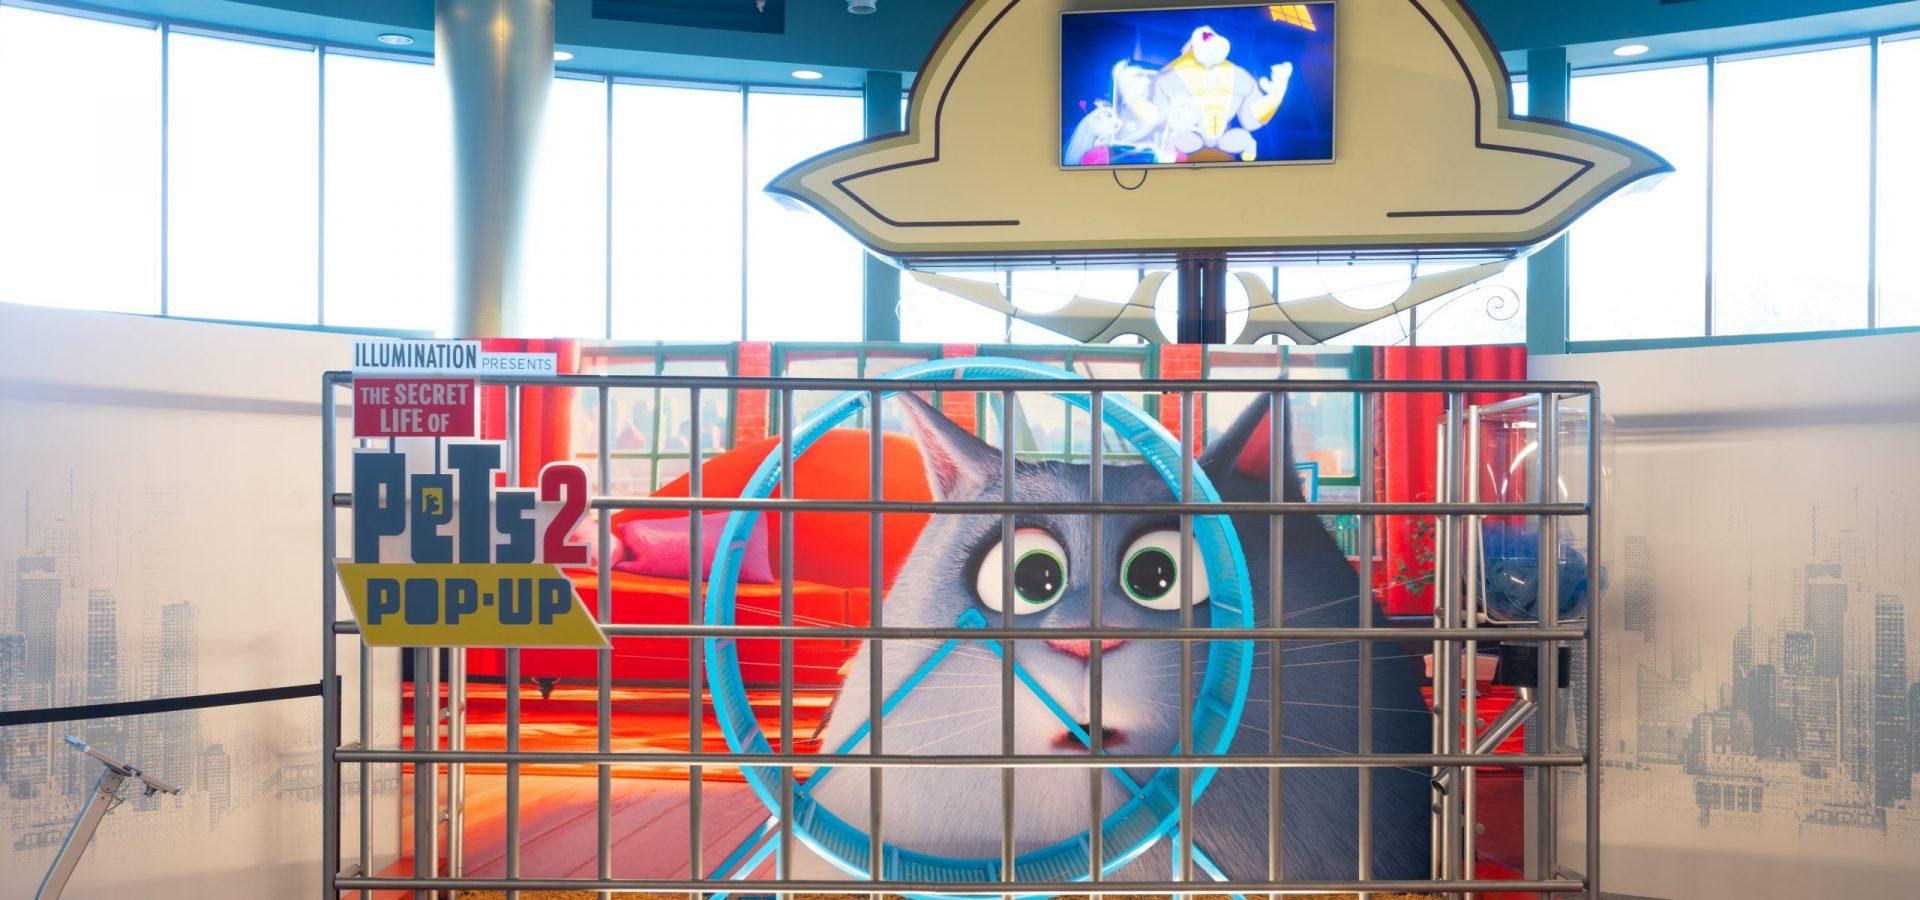 secret life of pets pop up hamster cage